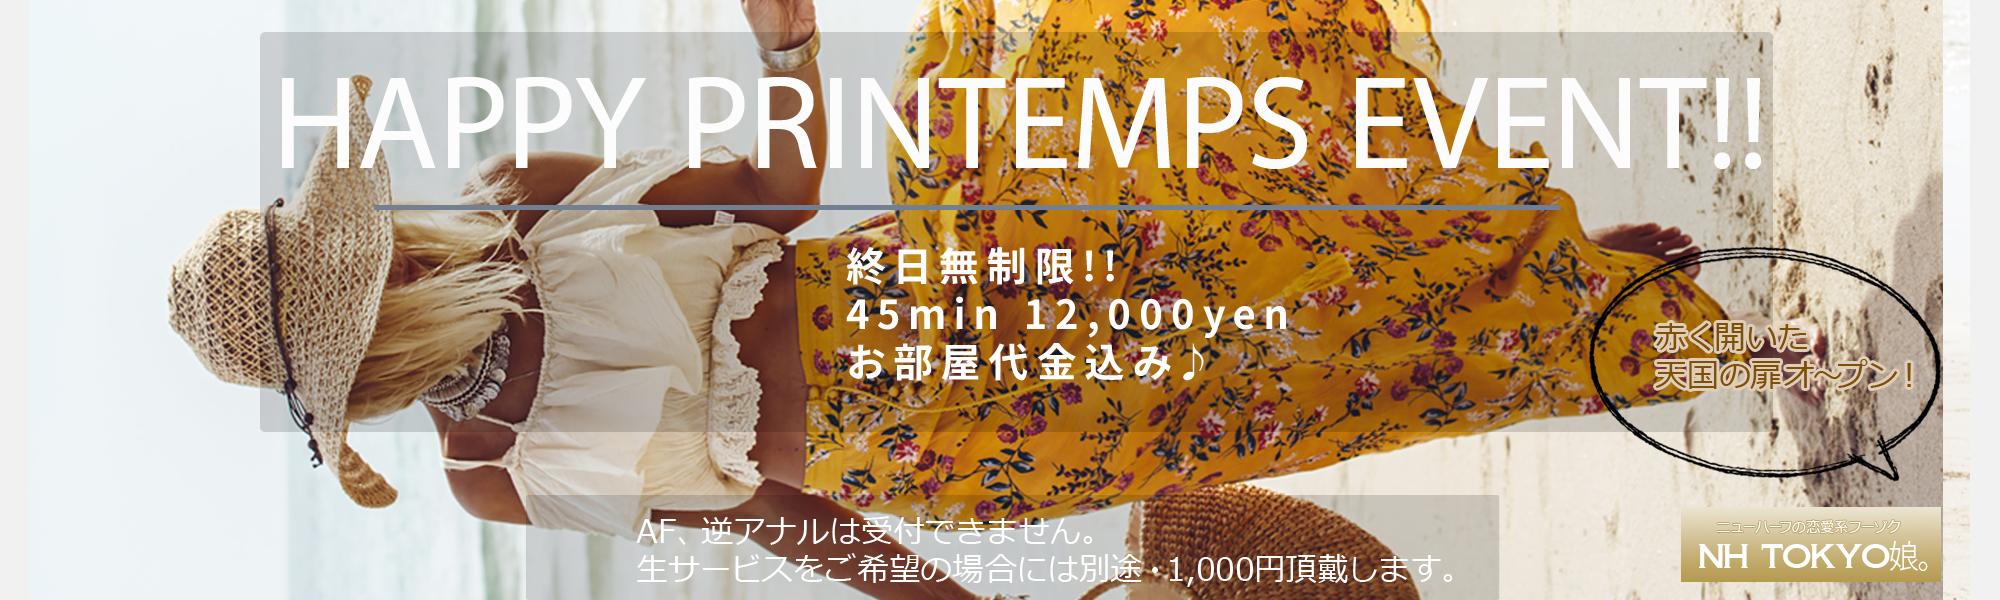 錦糸町ホテヘル ニューハーフのNH TOKYO娘。1804_HAPPY PRINTEMPS EVENT